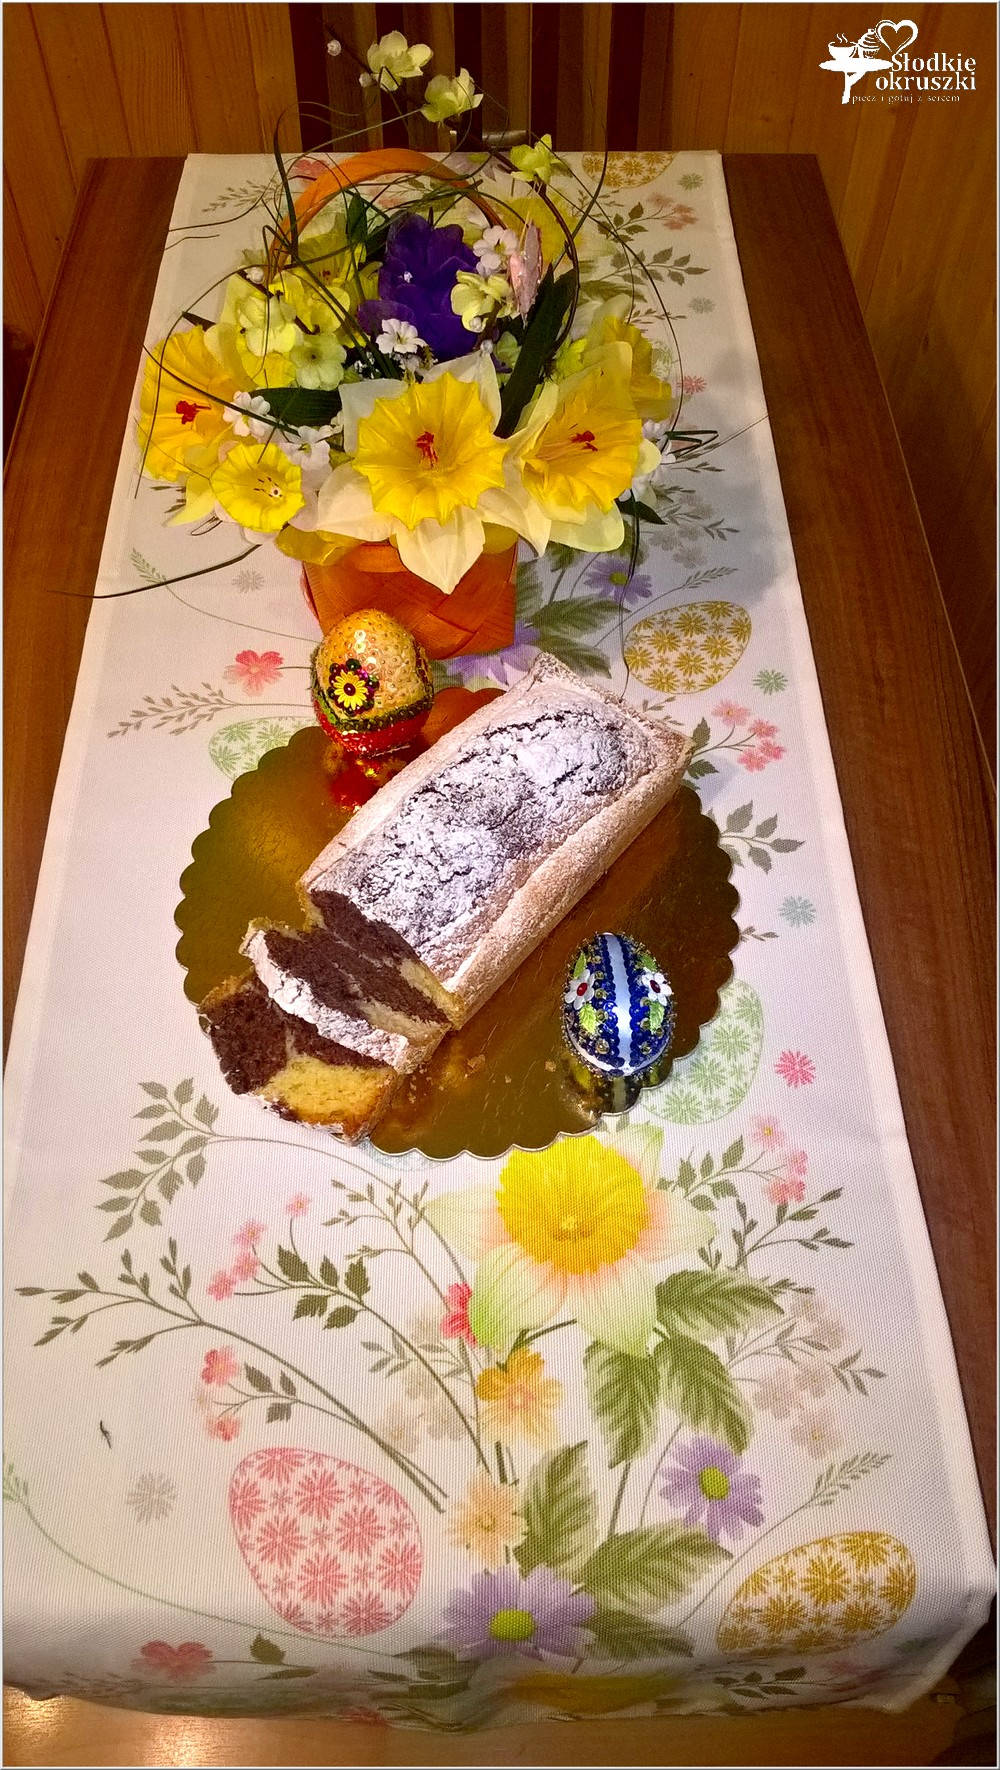 Szybka babka śmietankowo-kakaowa na świąteczny stół (2)